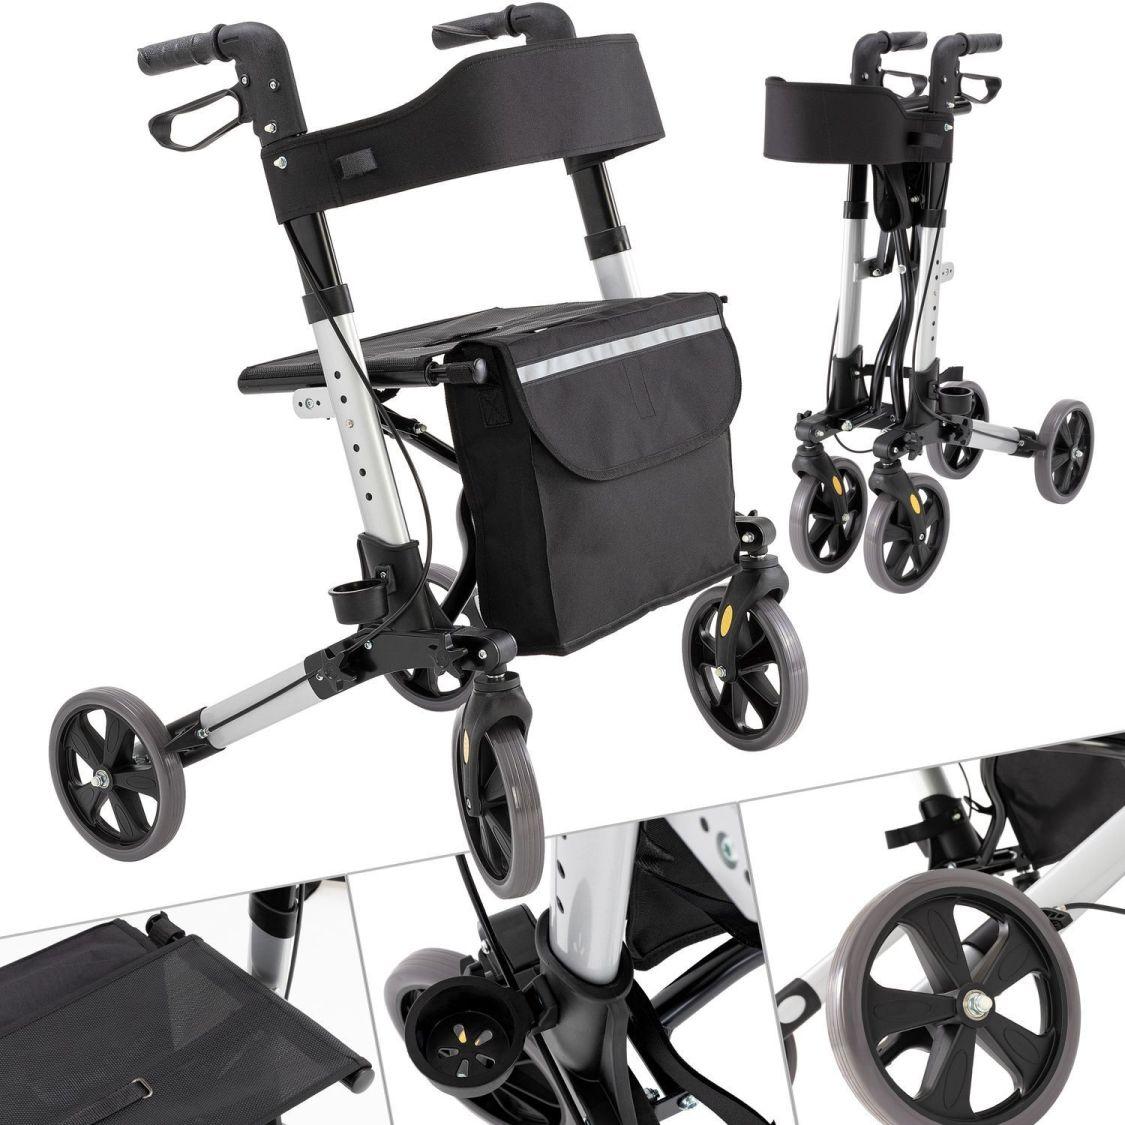 KESSER Alu Rollator klappbar Leichtgewichtsrollator Laufhilfe Gehhilfe Gehwagen